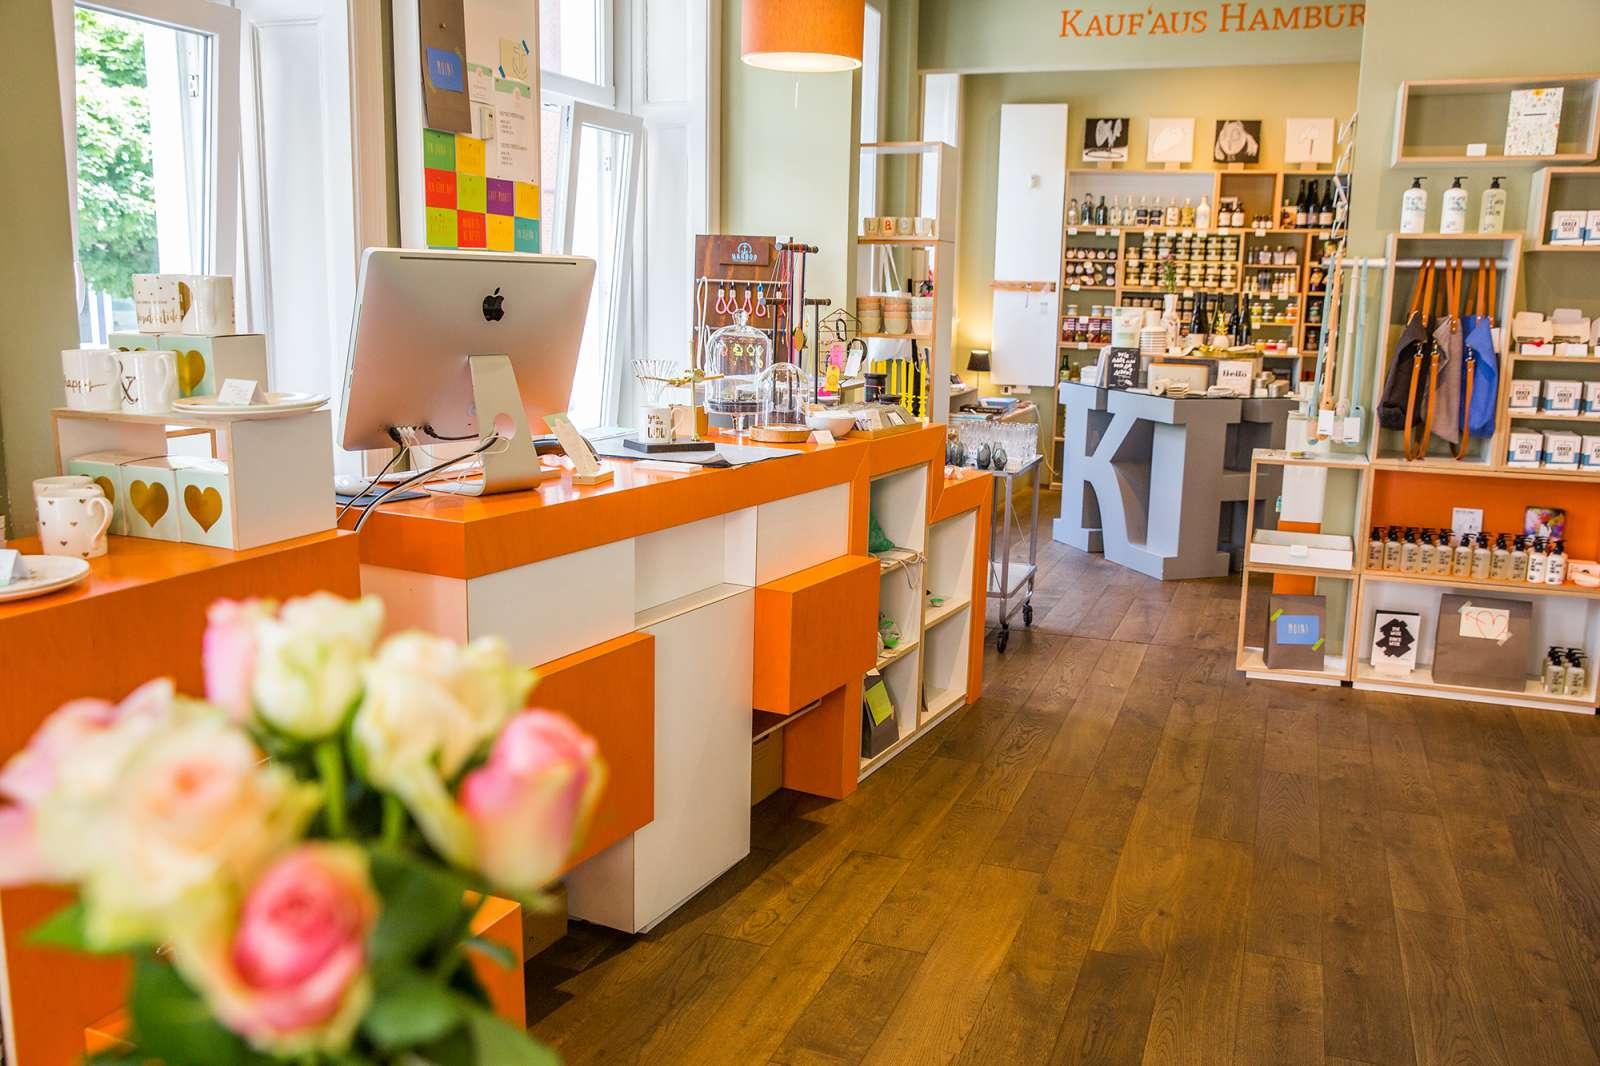 Foto: Kaufhaus Hamburg